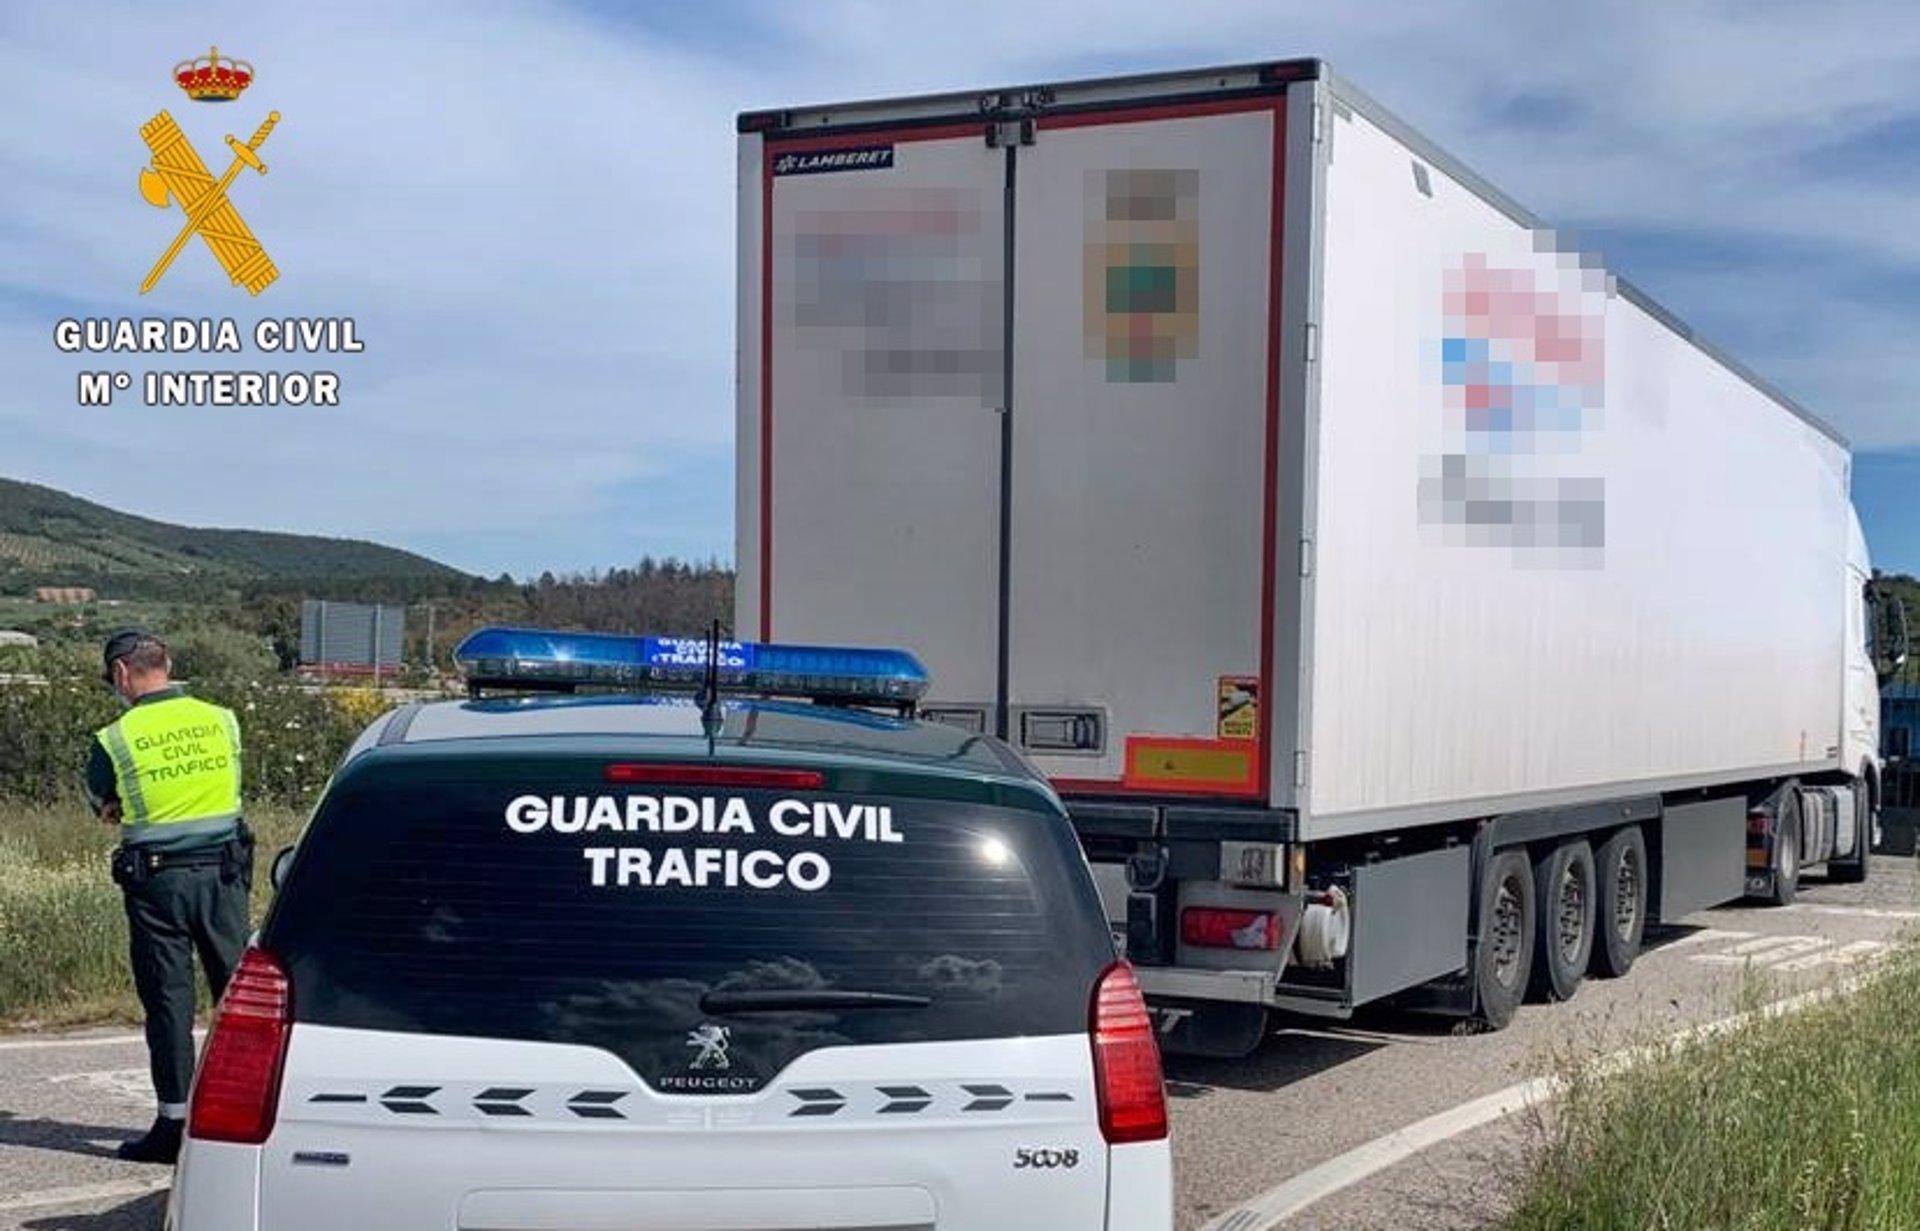 Investigado un camionero por manipular el tacógrafo con un imán para falsear los tiempos de descanso